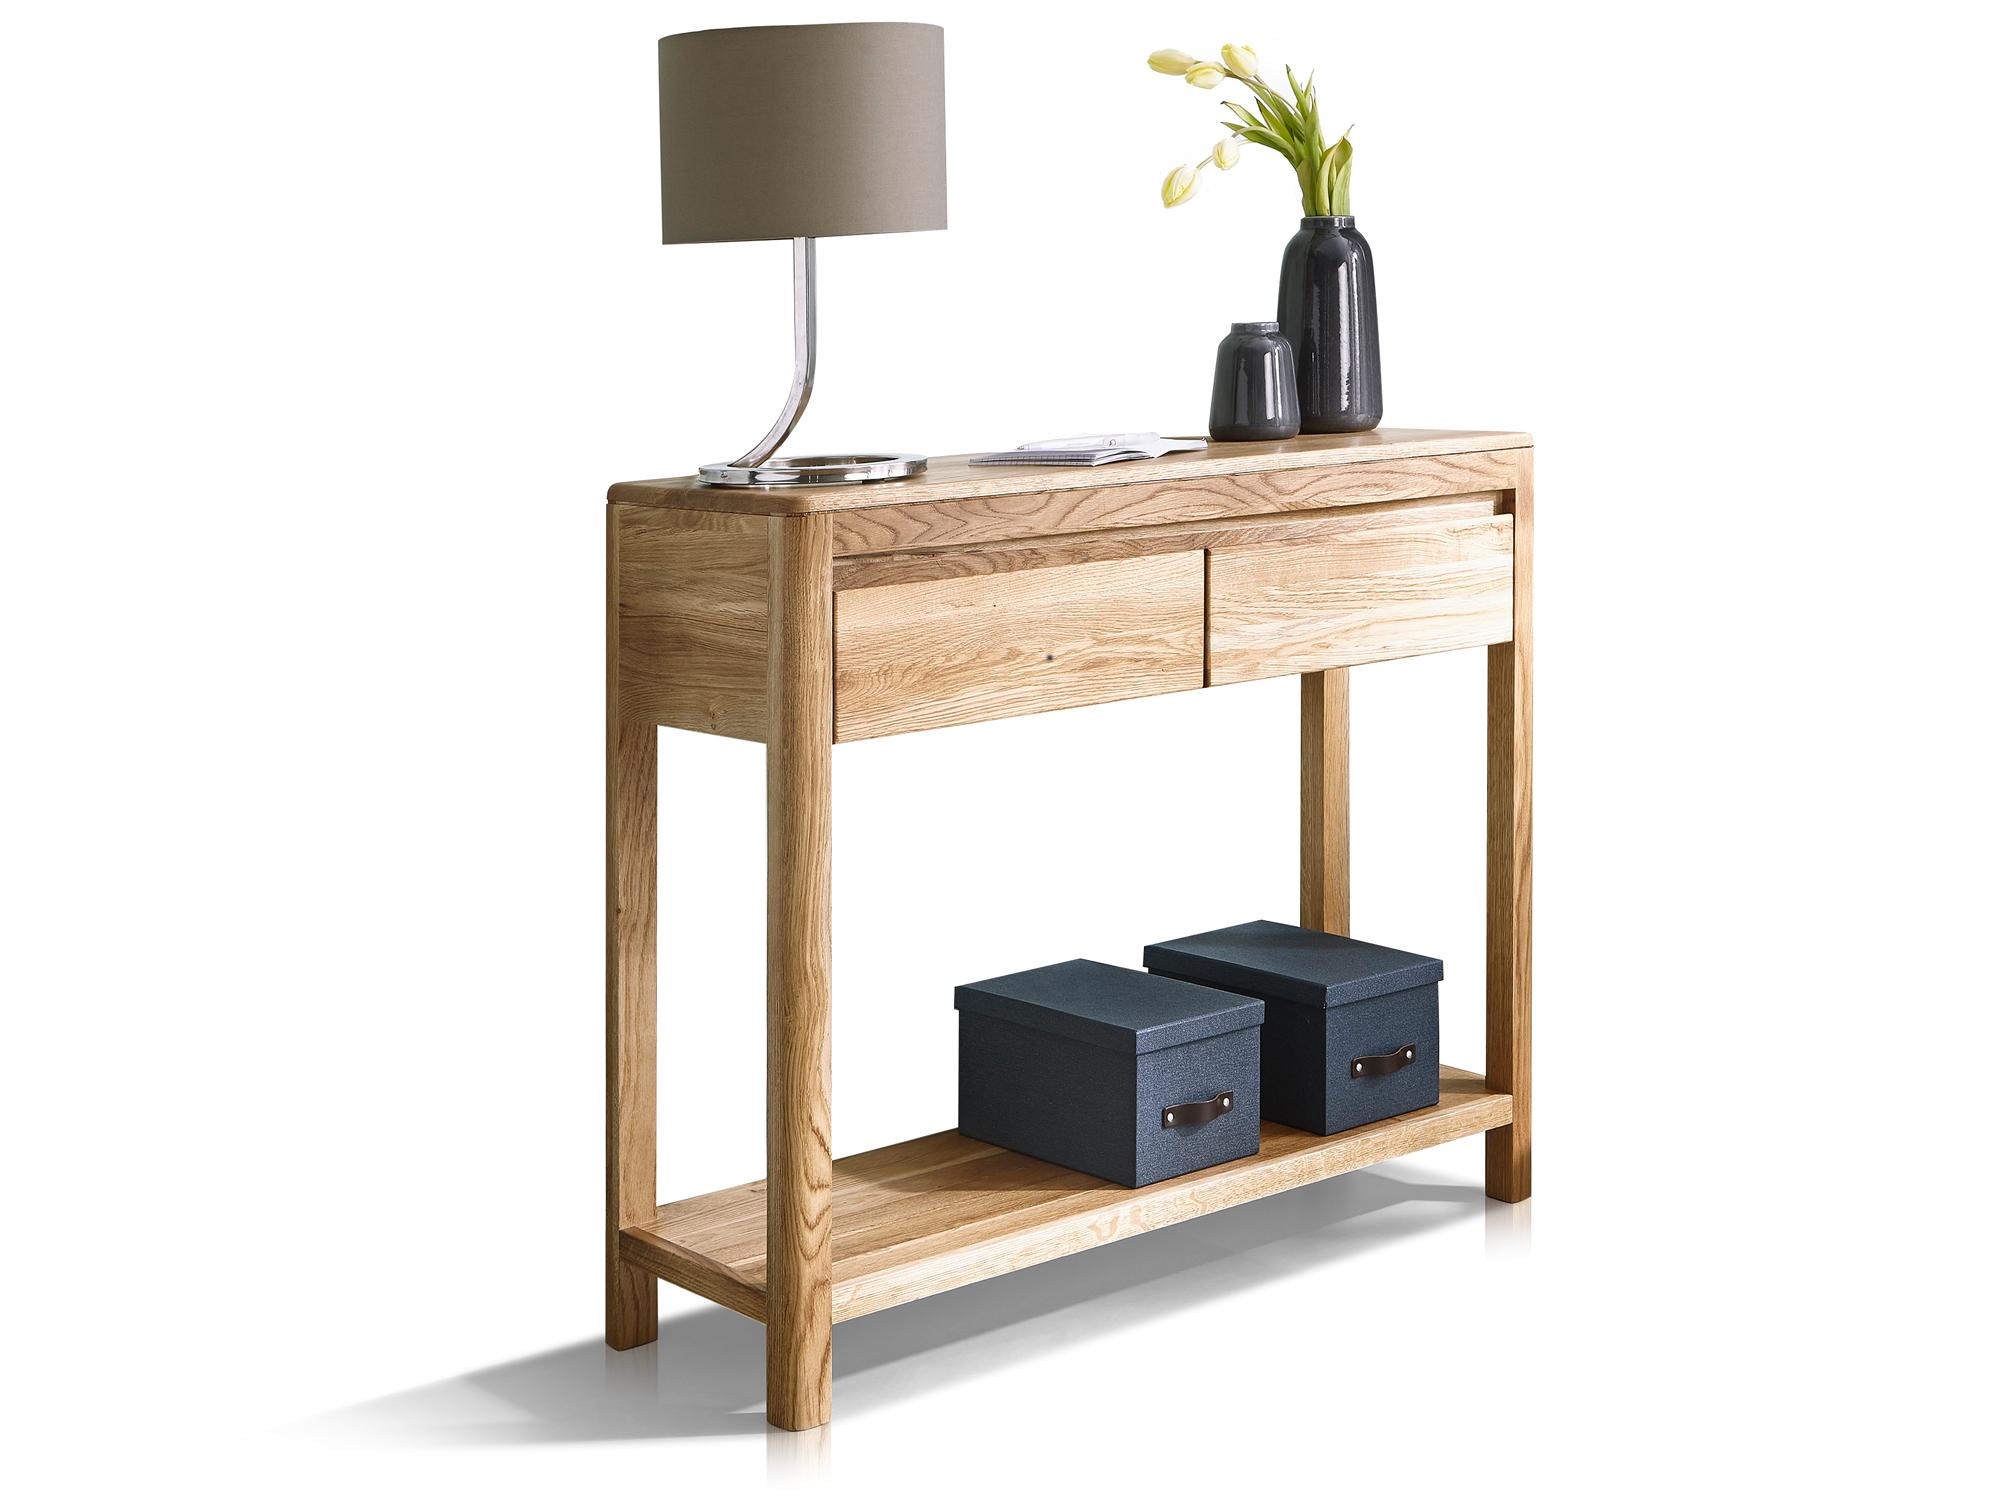 verona konsolentisch wildeiche ge lt. Black Bedroom Furniture Sets. Home Design Ideas